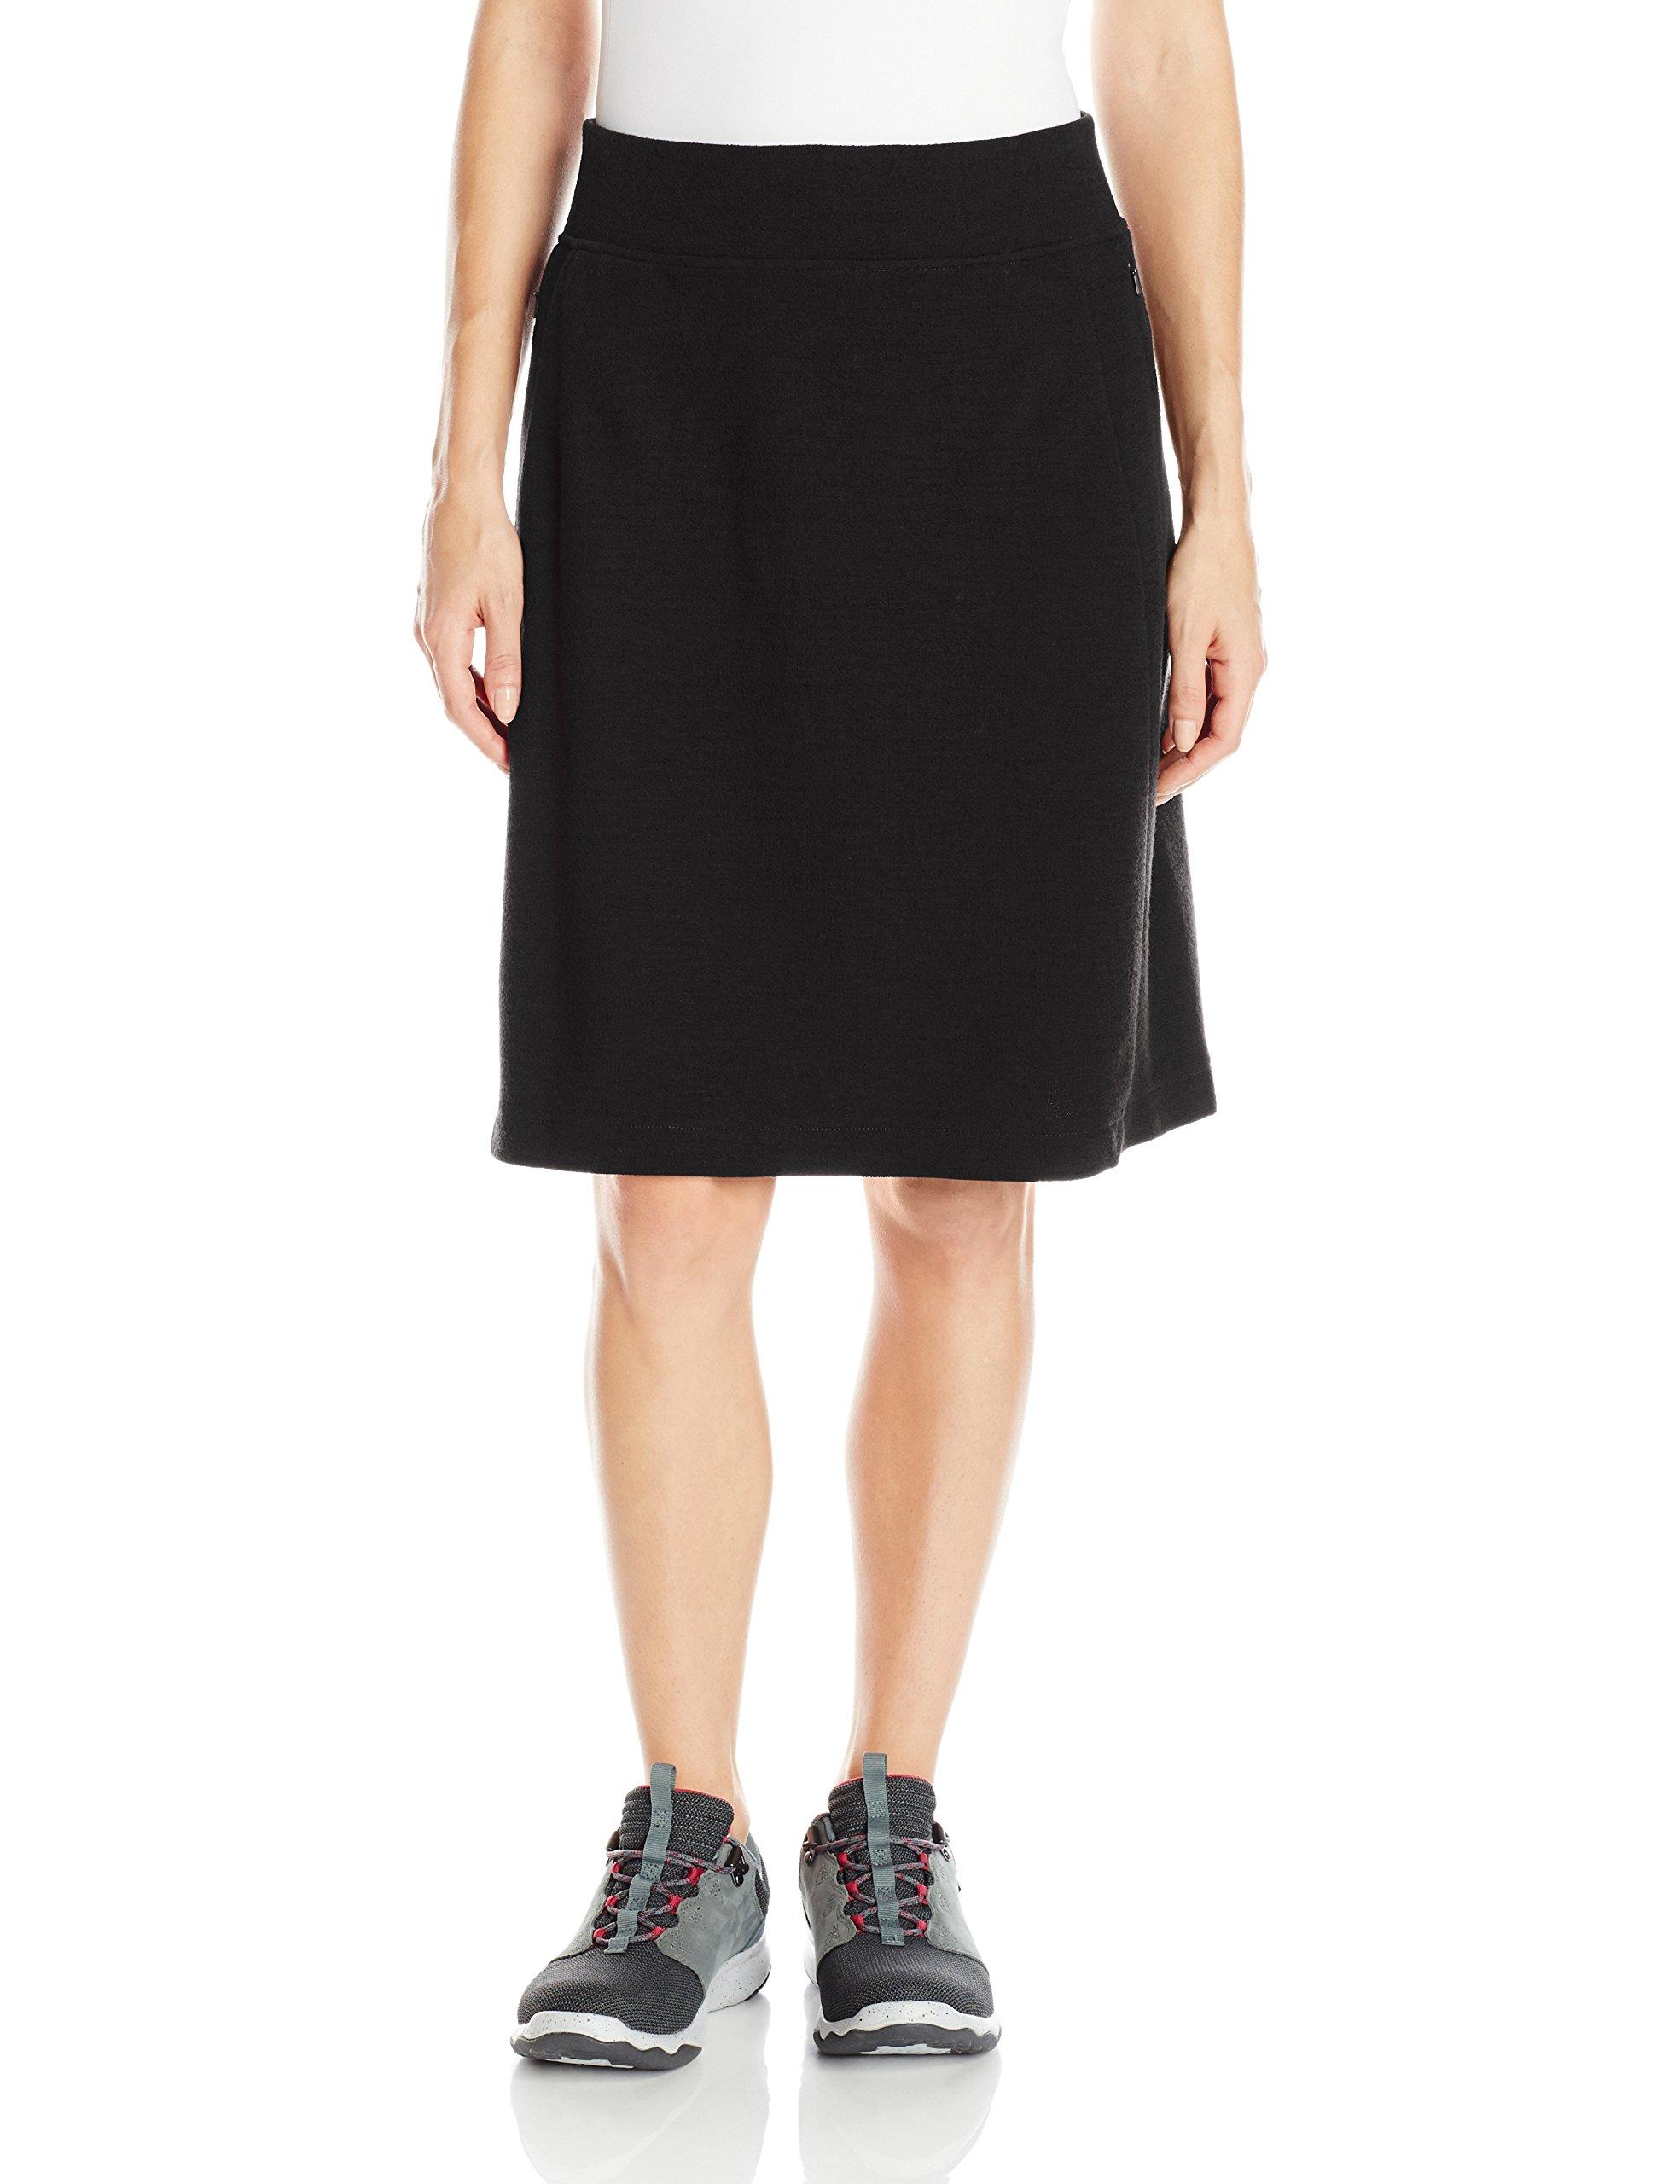 Ibex Outdoor Clothing Women's Izzi Skirt, Small, Black